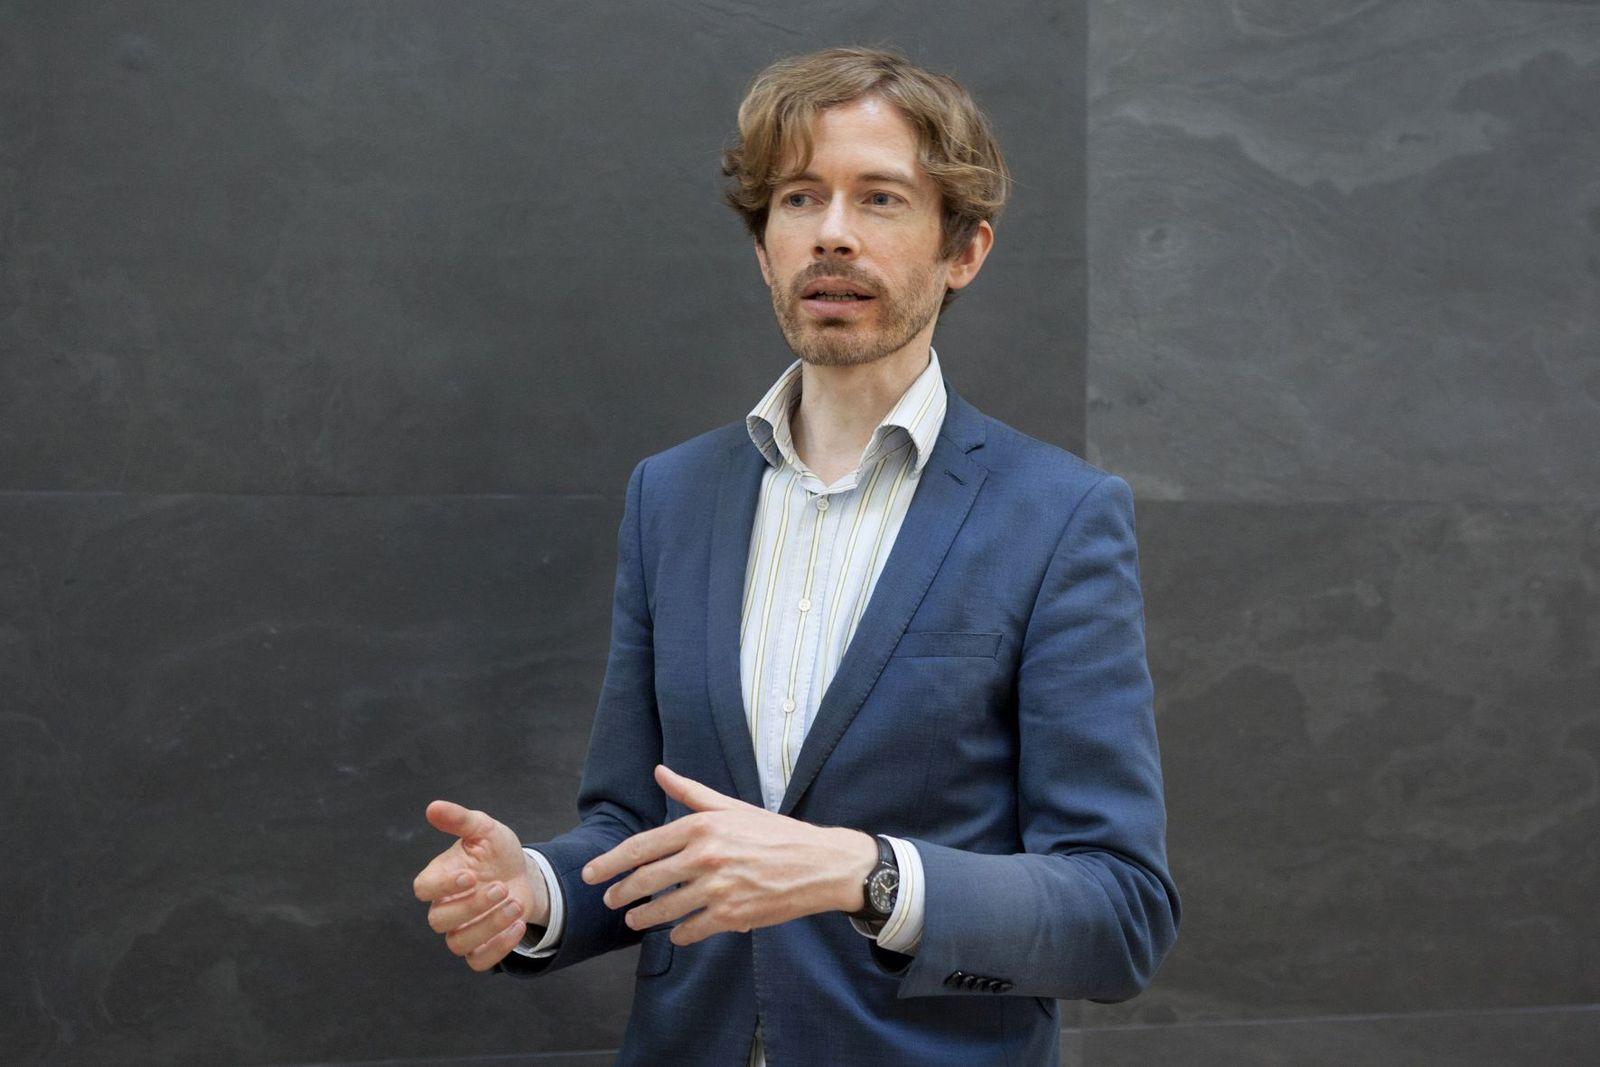 """Ruben Rebmann führt durch die Ausstellung """"The Botticelli Renaissance"""" in der Gemäldegalerie. Foto: Juliane Eirich"""